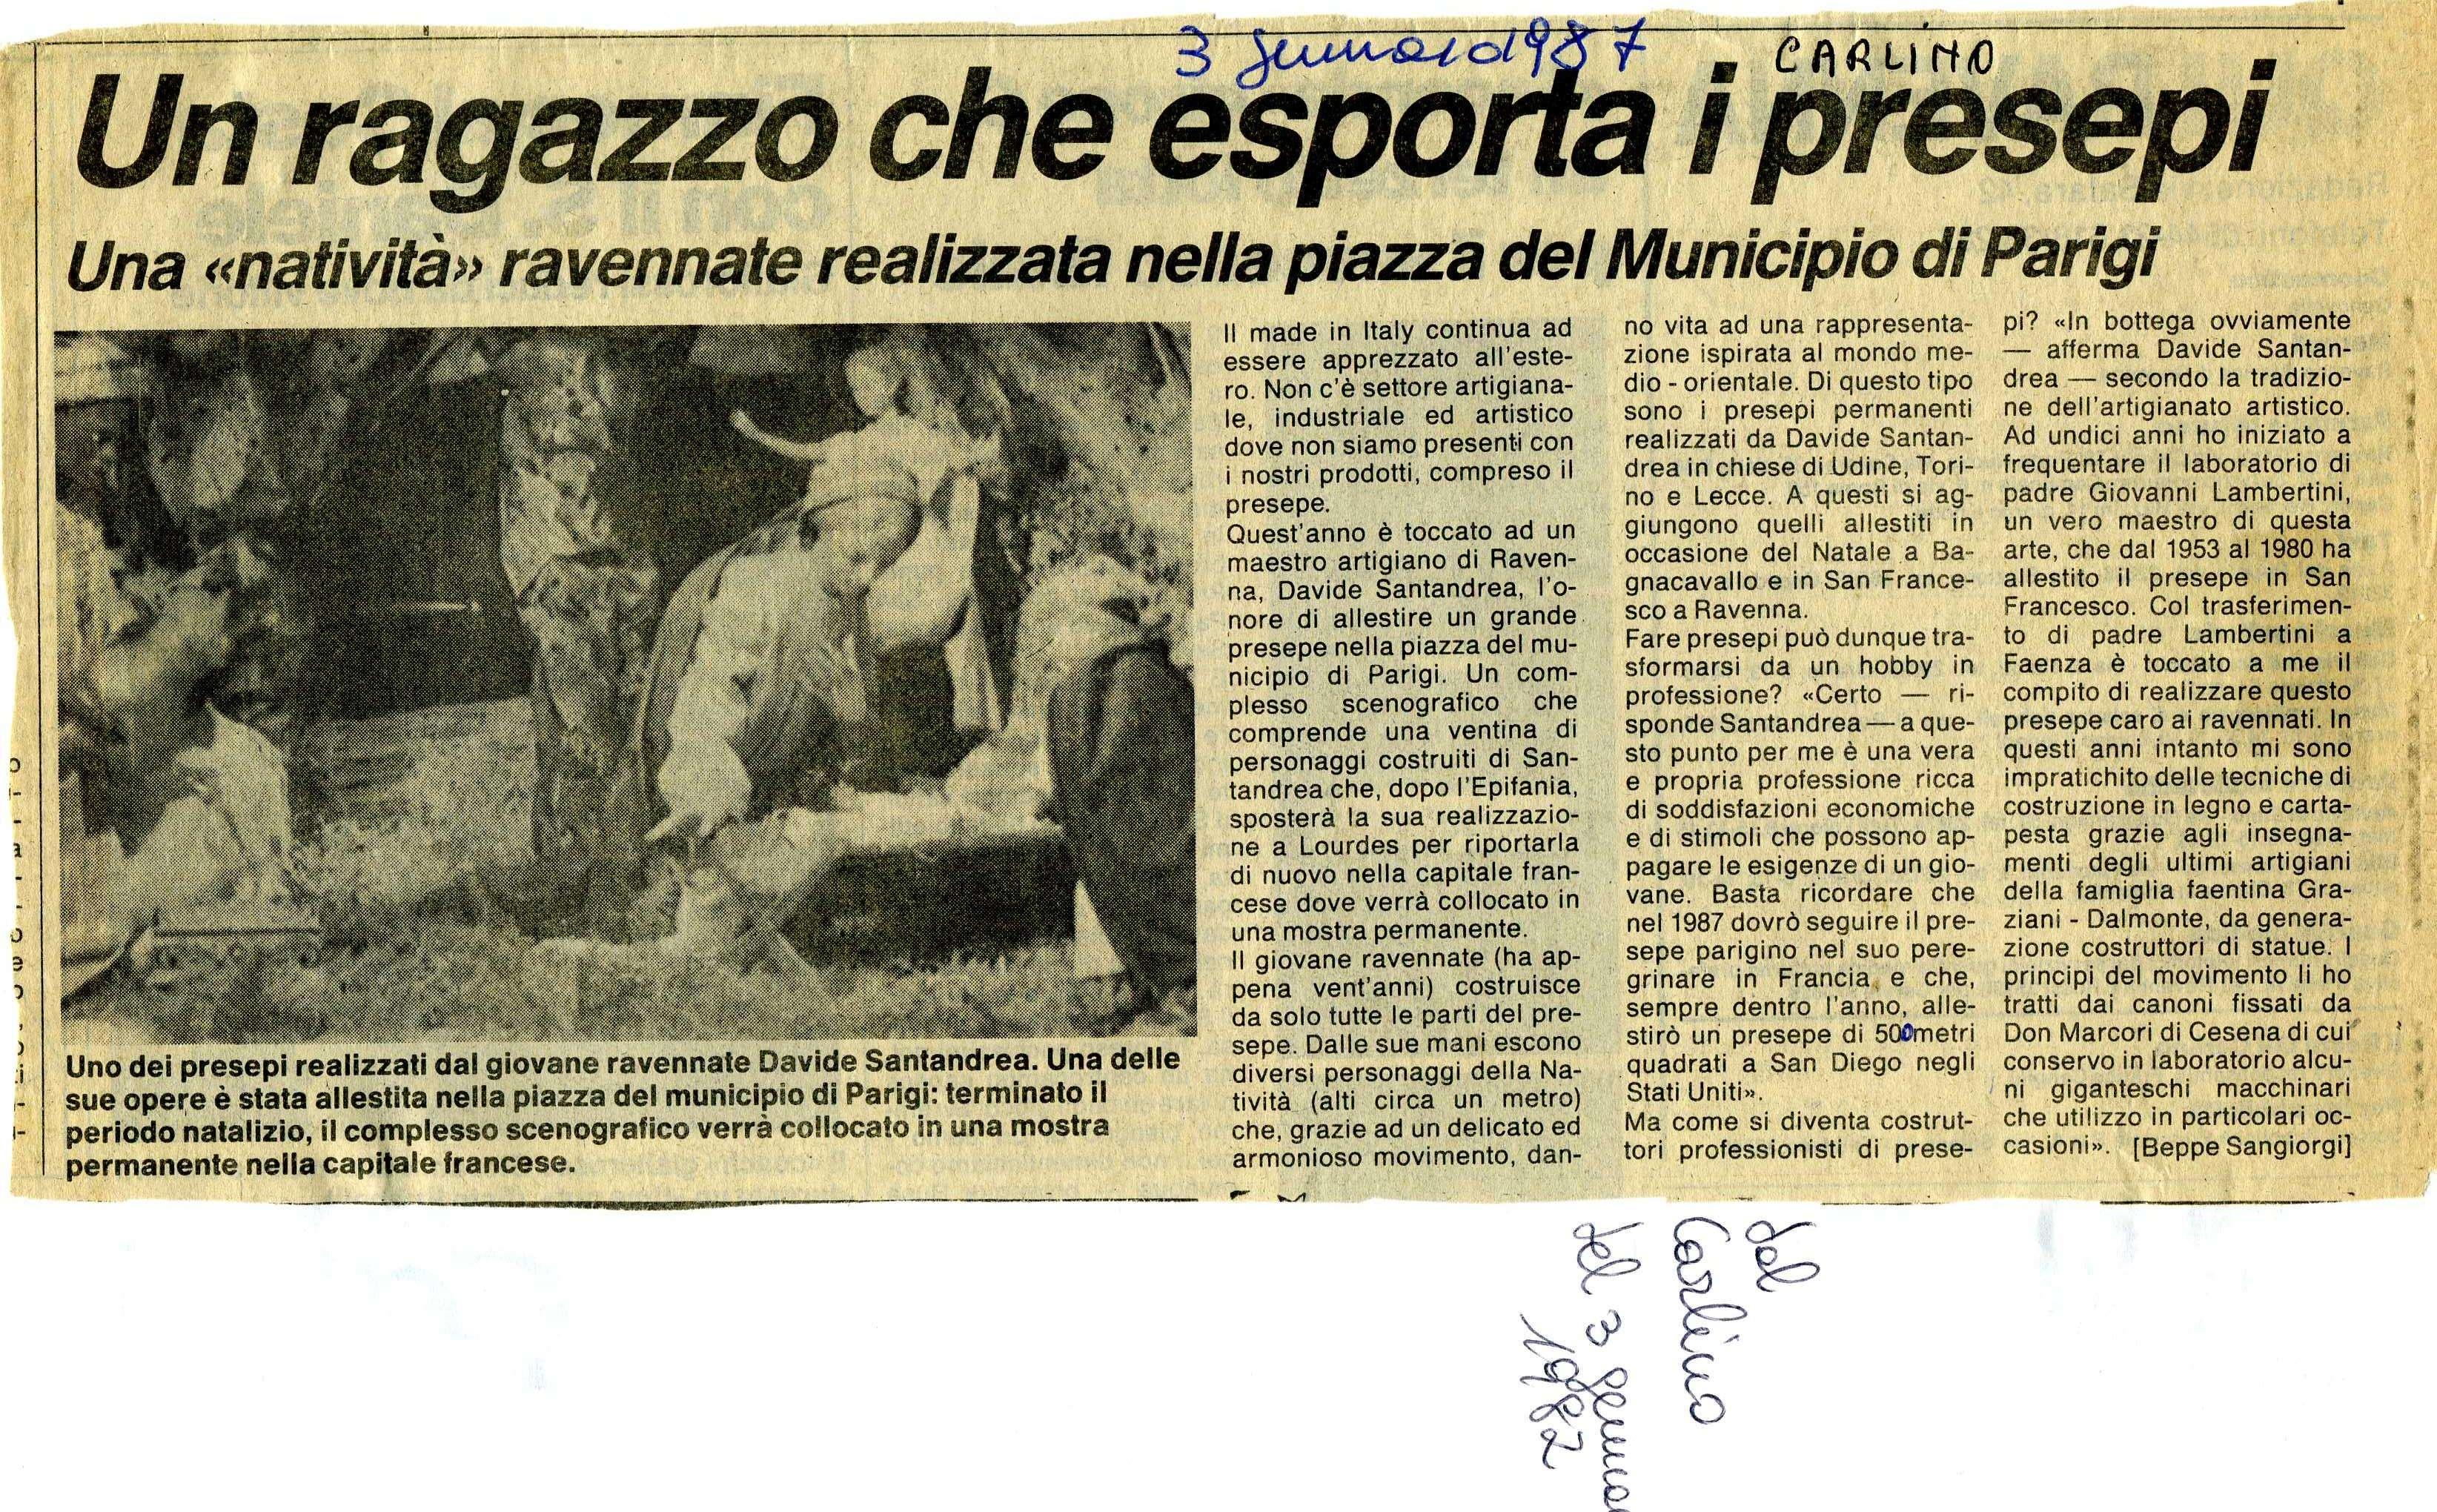 Cimitero Monumentale Predappio Fc l'artista dei presepi meccanici a castelnuovo